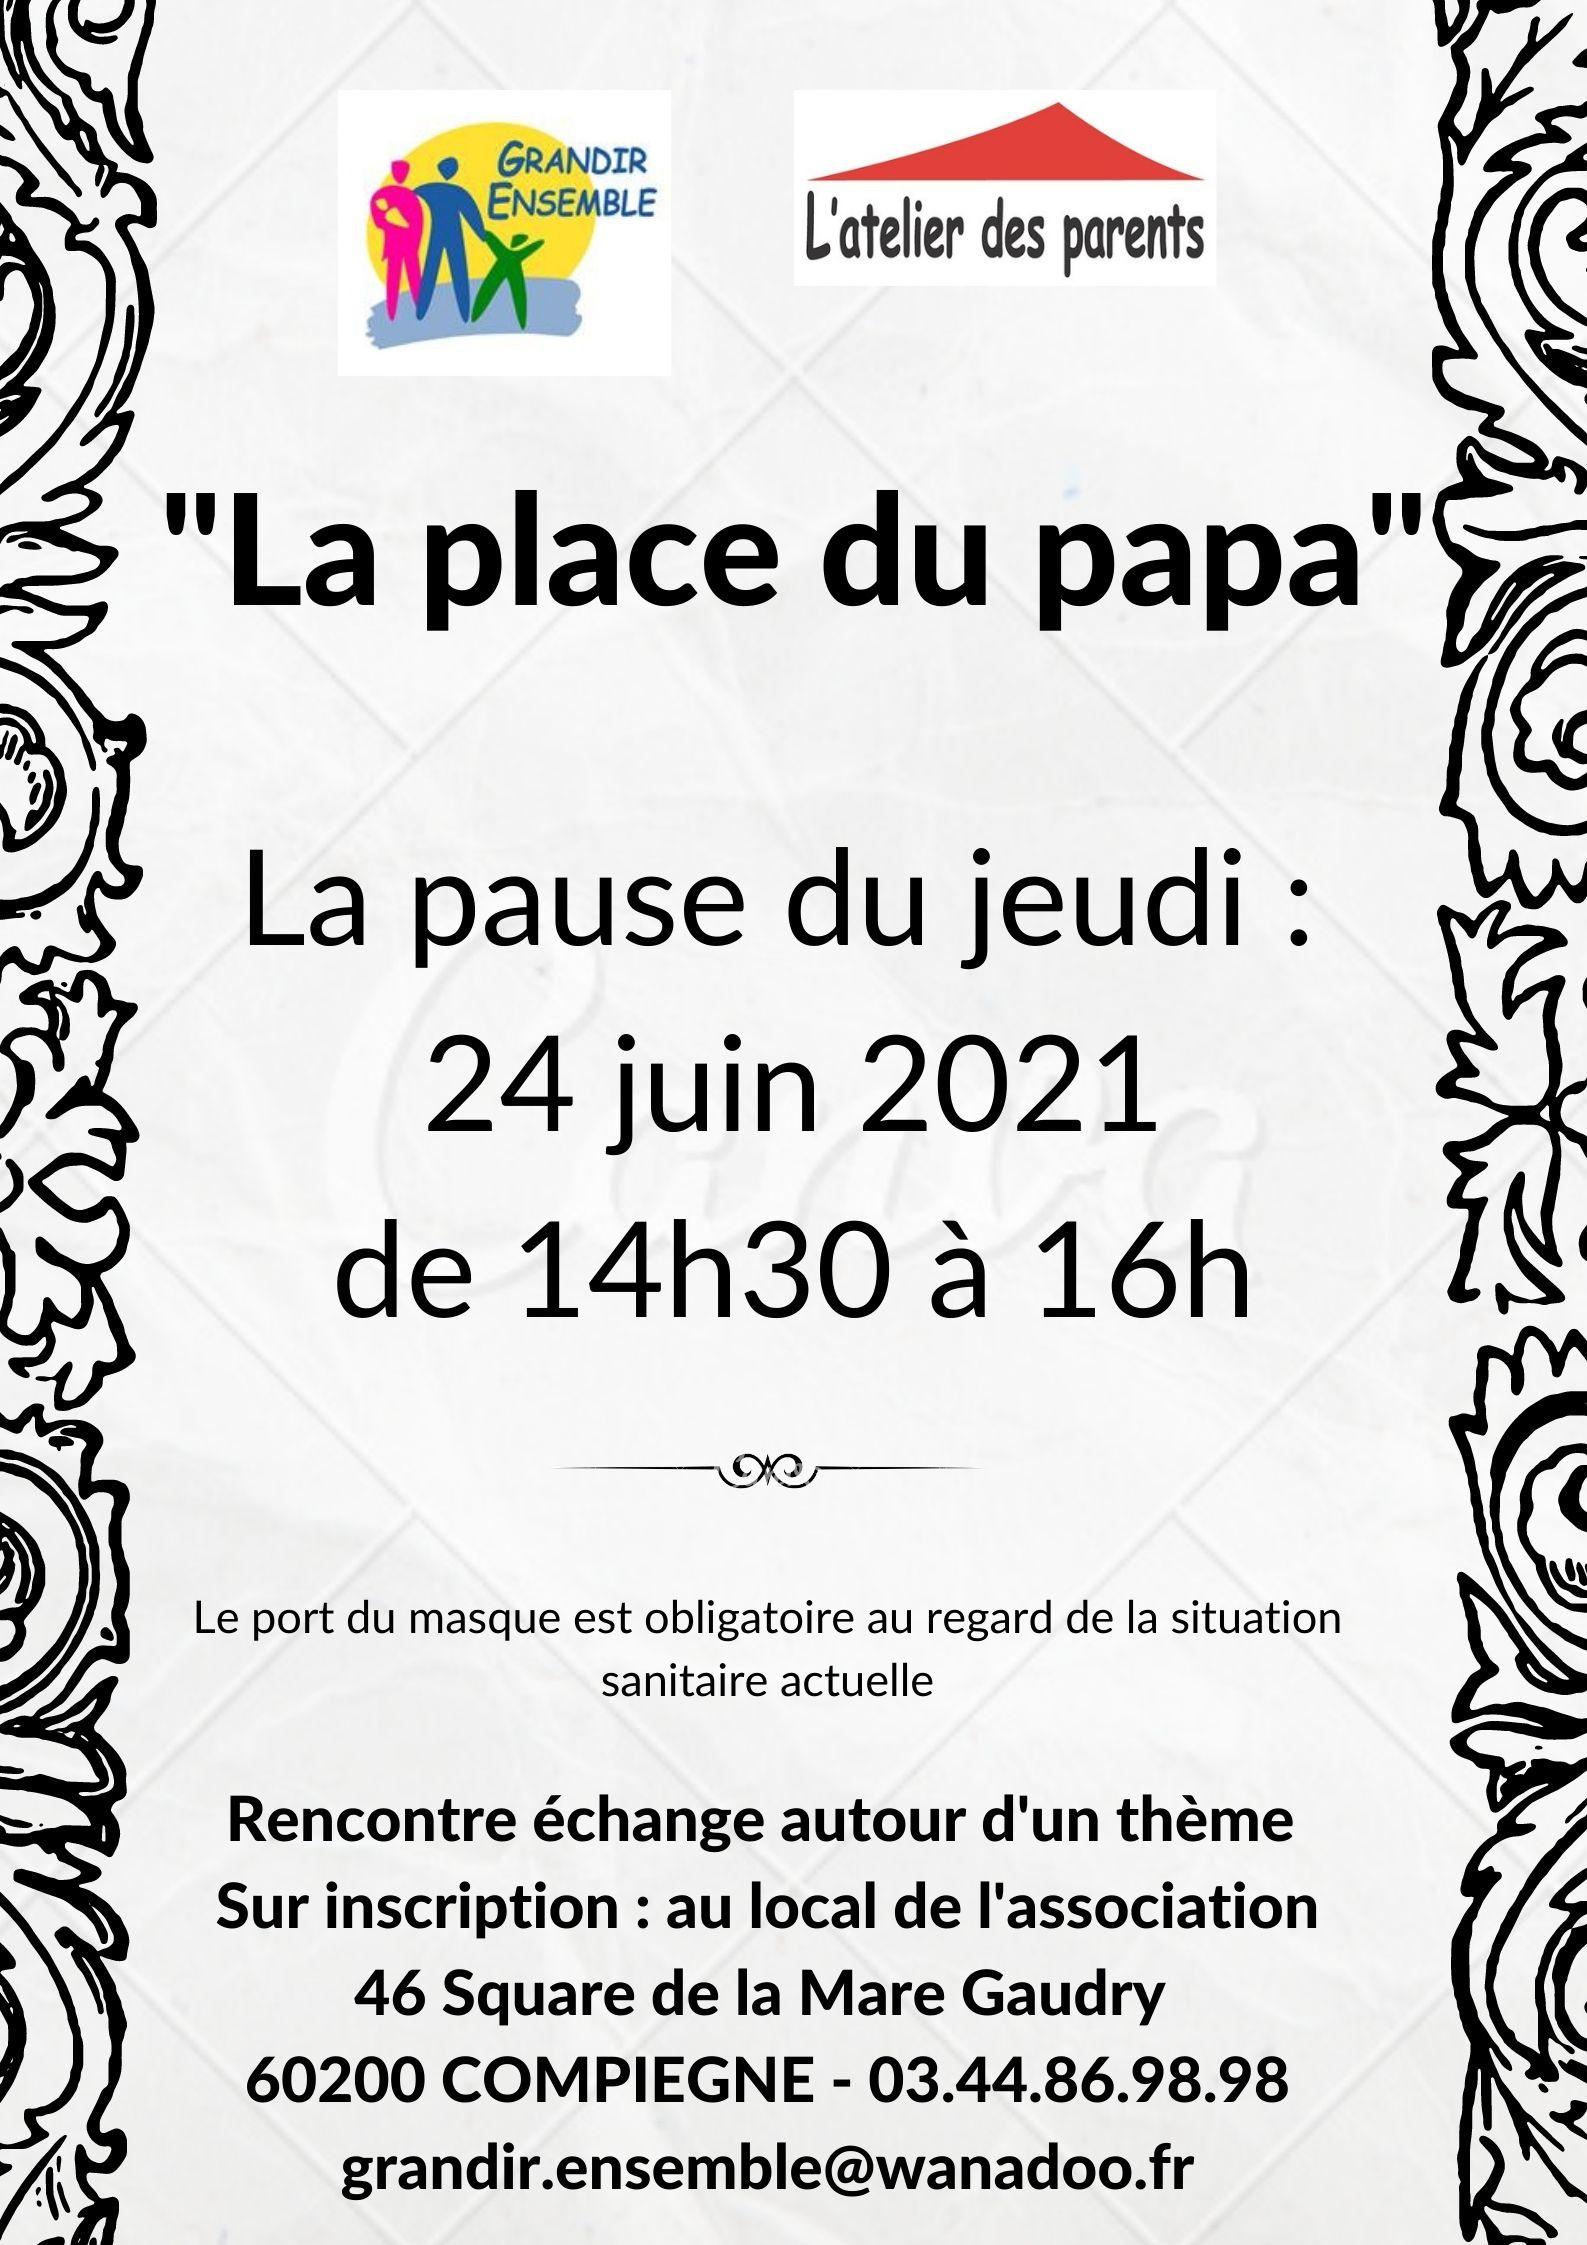 La place du papa du 24 juin 2021